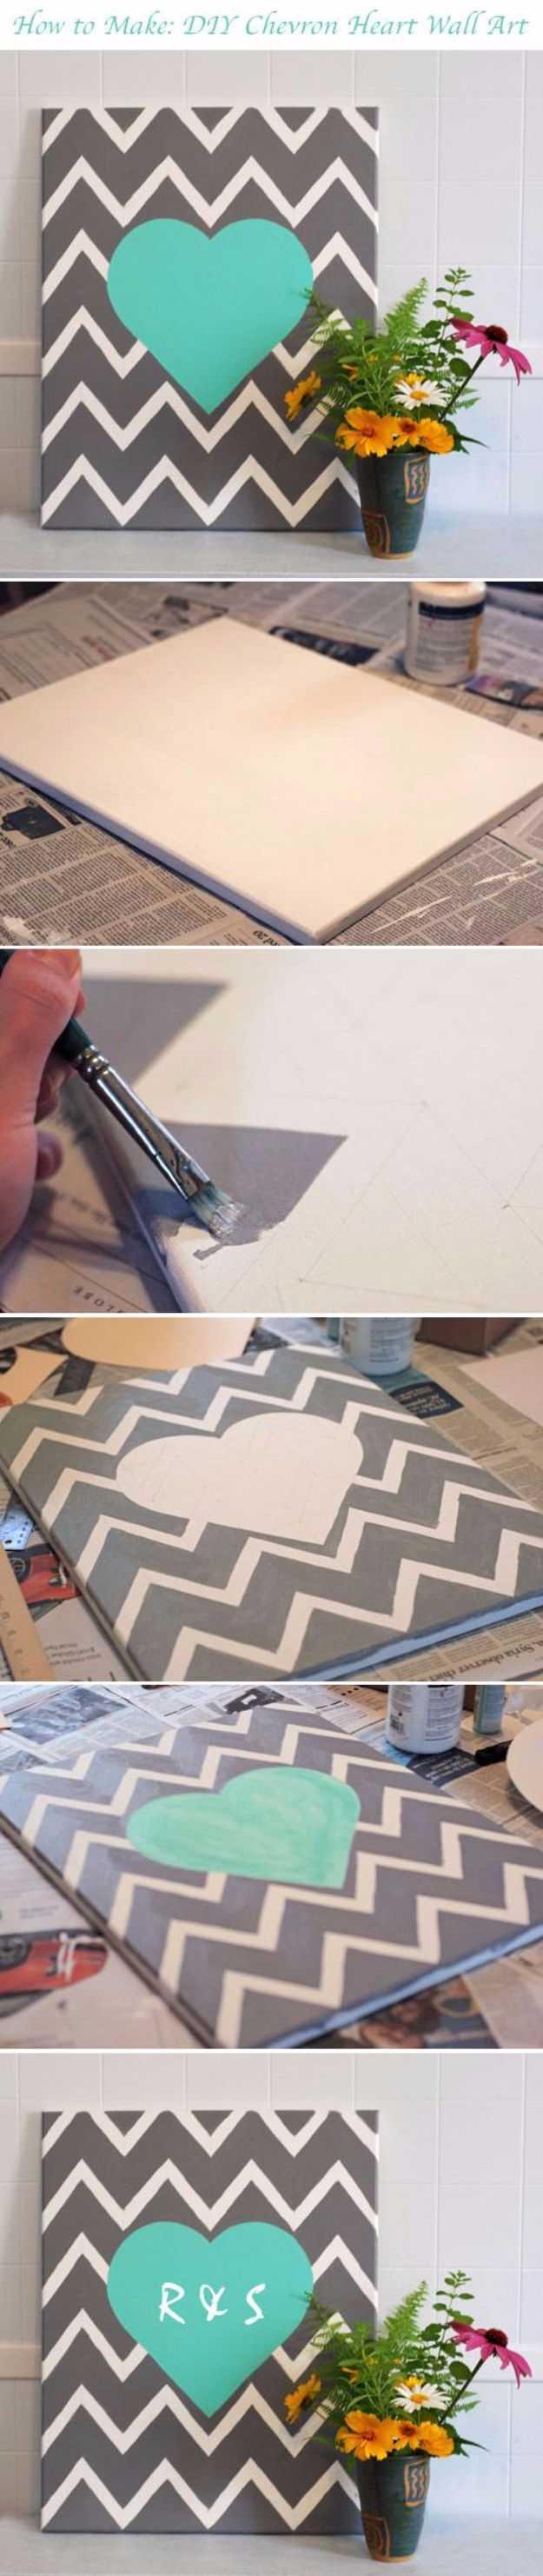 15 idées de peinture sur toile bricolage super faciles pour la décoration artistique